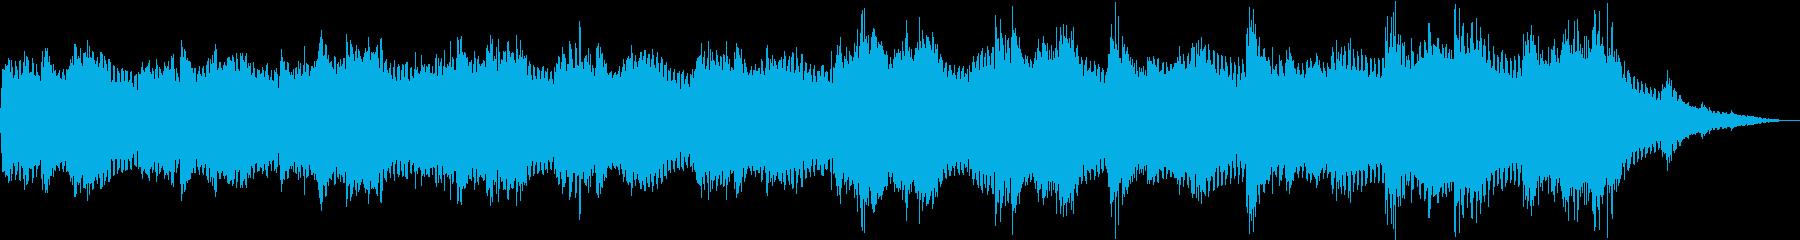 アンビエントな音楽の再生済みの波形